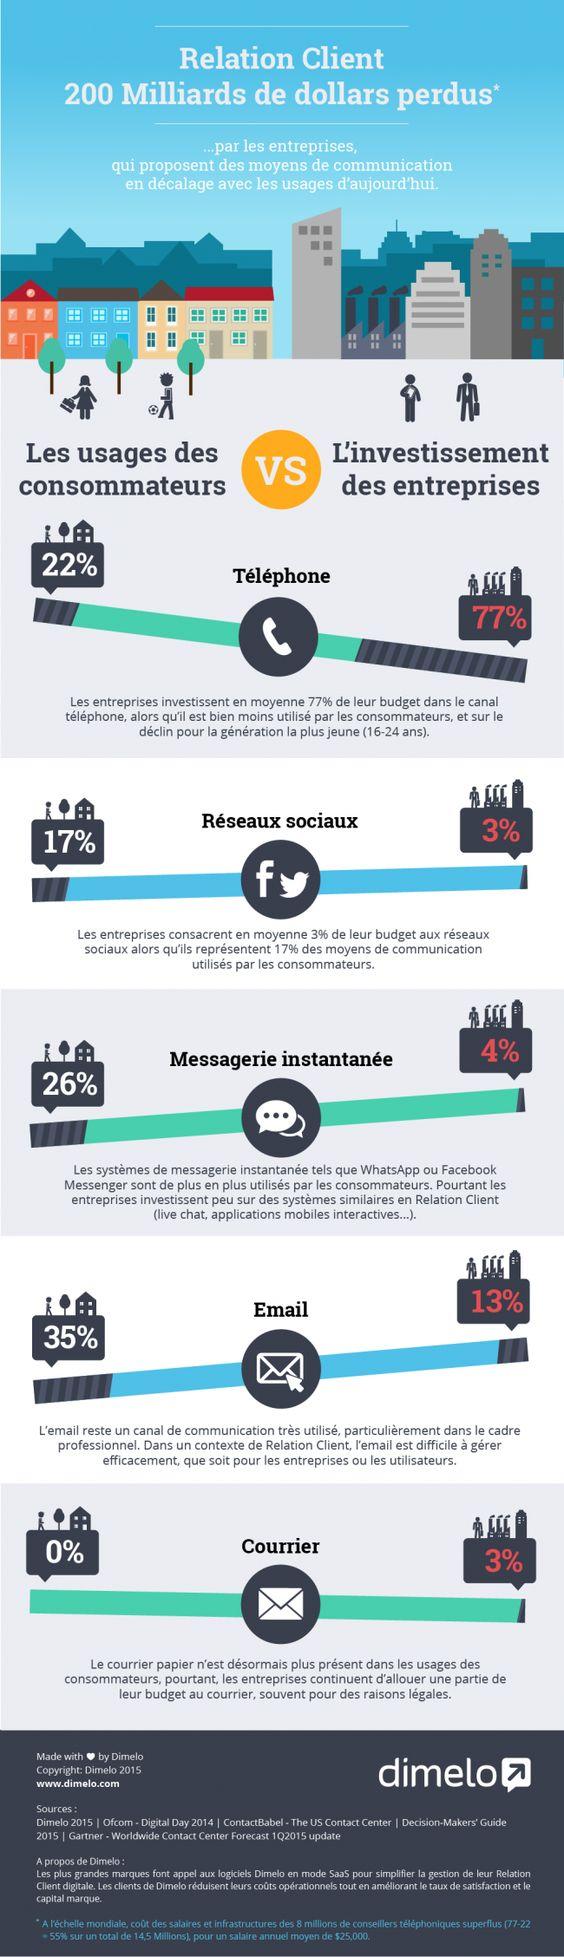 #RelationClient : Sur quels canaux les entreprises doivent-elles investir ? by frenchweb.fr